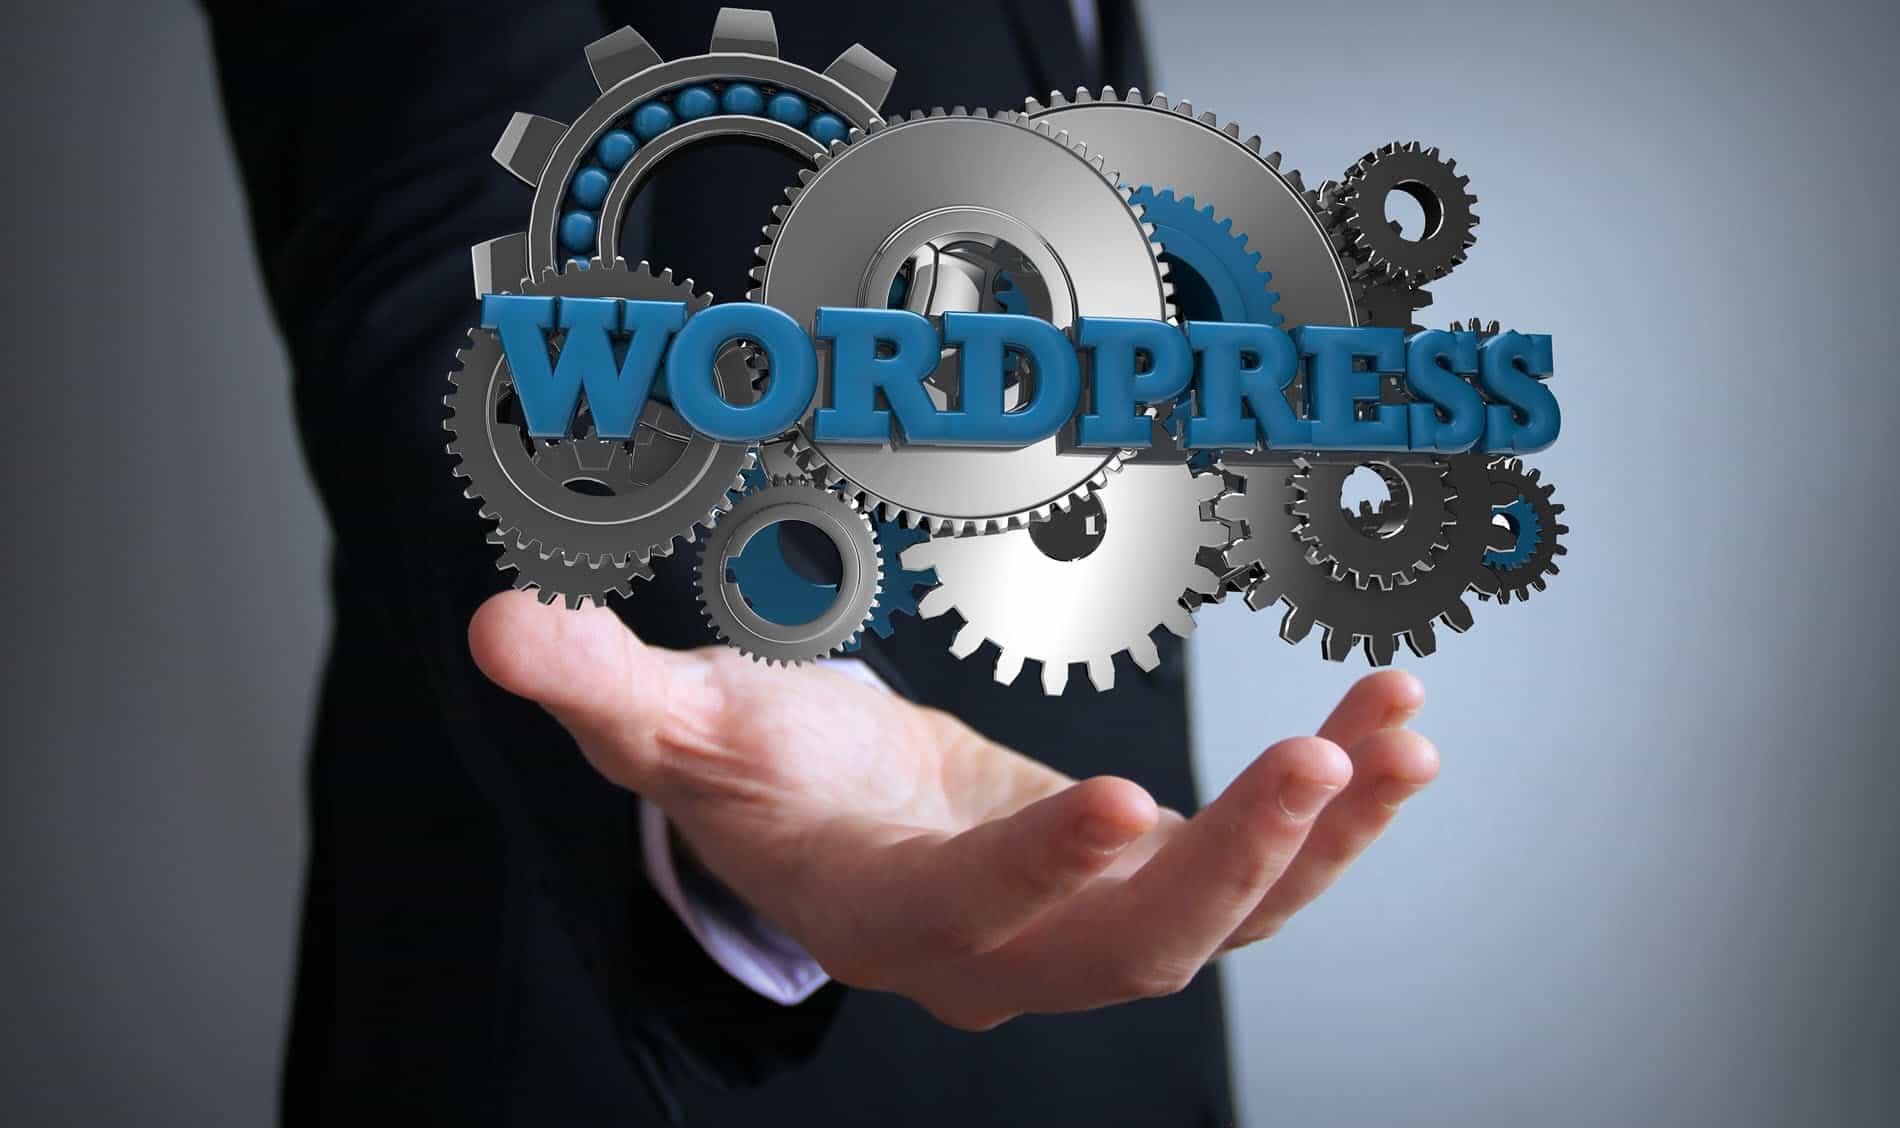 התקנת וורדפרס בקליק: וובינג מאפשרת בניית אתר וורדפרס בקלות ובמהירות